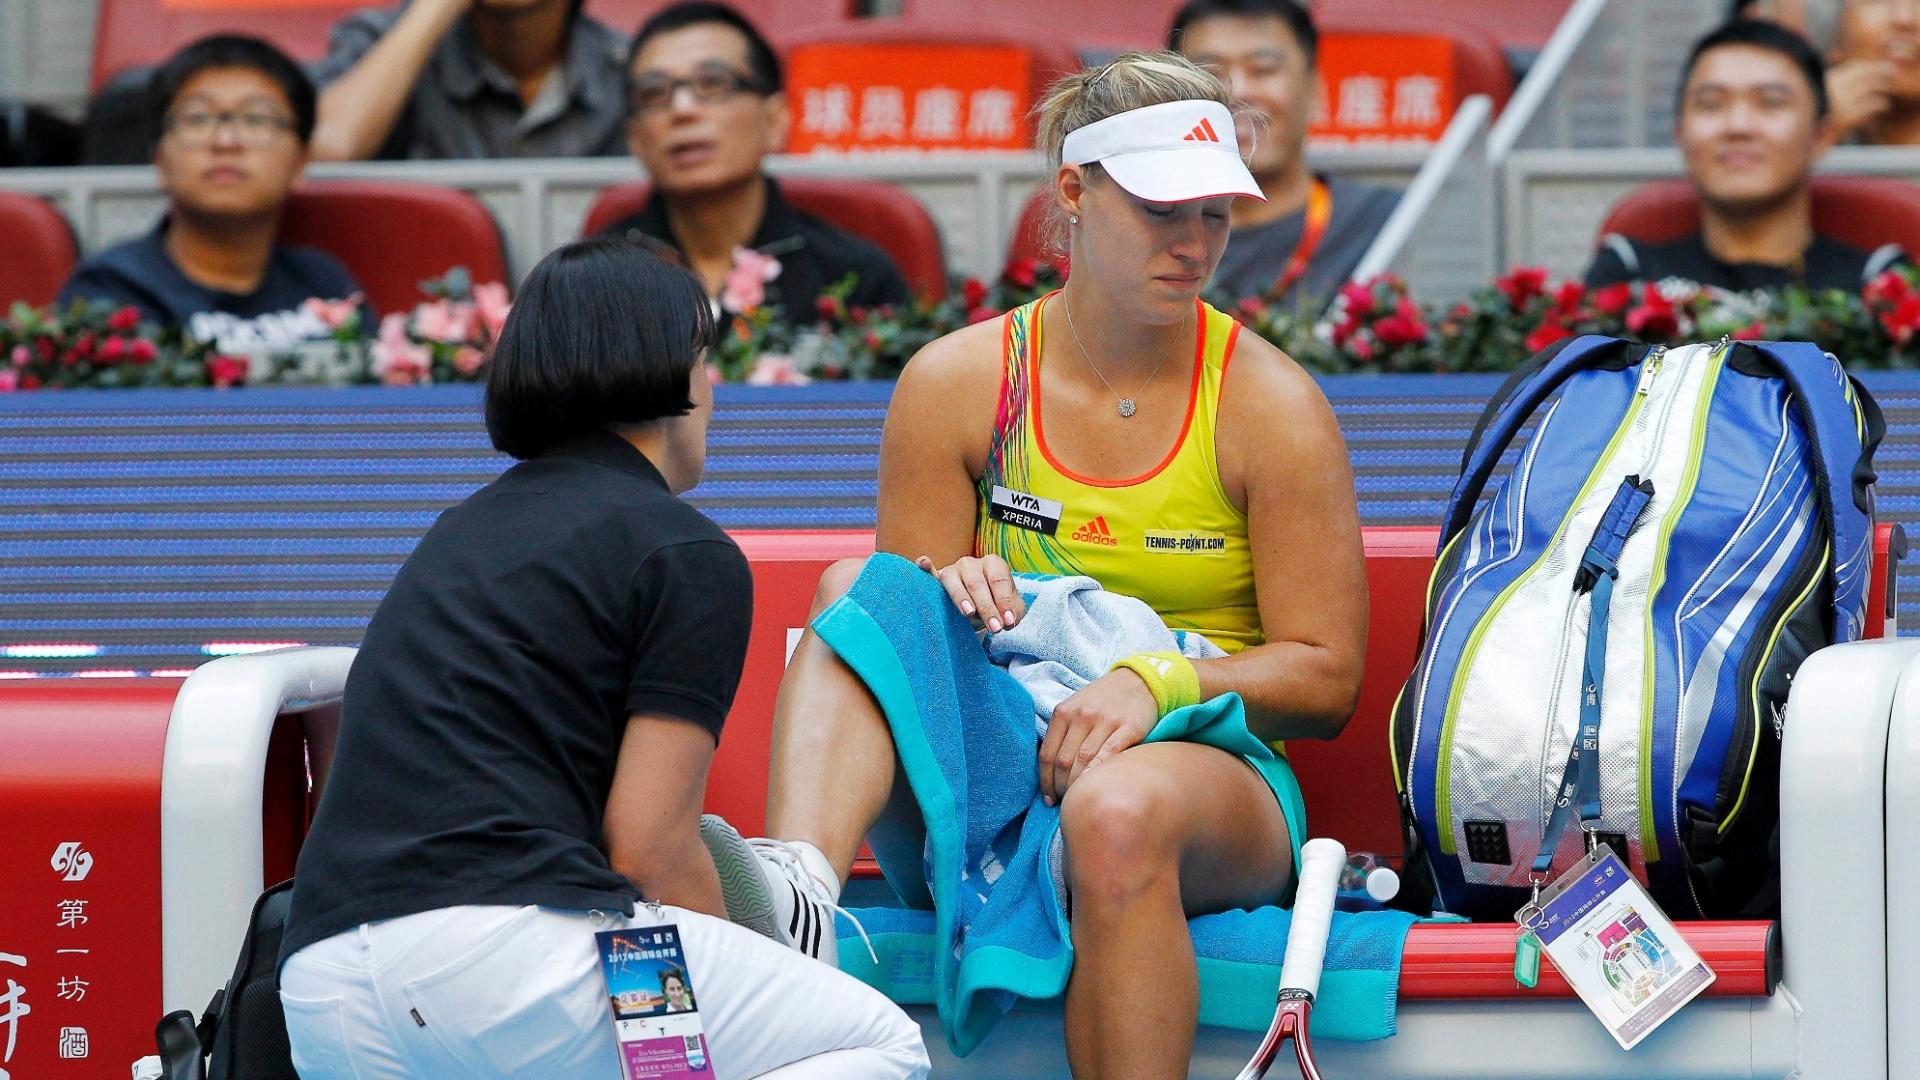 Alemã Angelique Kerber recebe atendimento médico na partida contra a russa Maria Sharapova. Kerber desistiu do jogo, e Sharapova avançou à semifinal do Torneio de Pequim (05/10/2012)